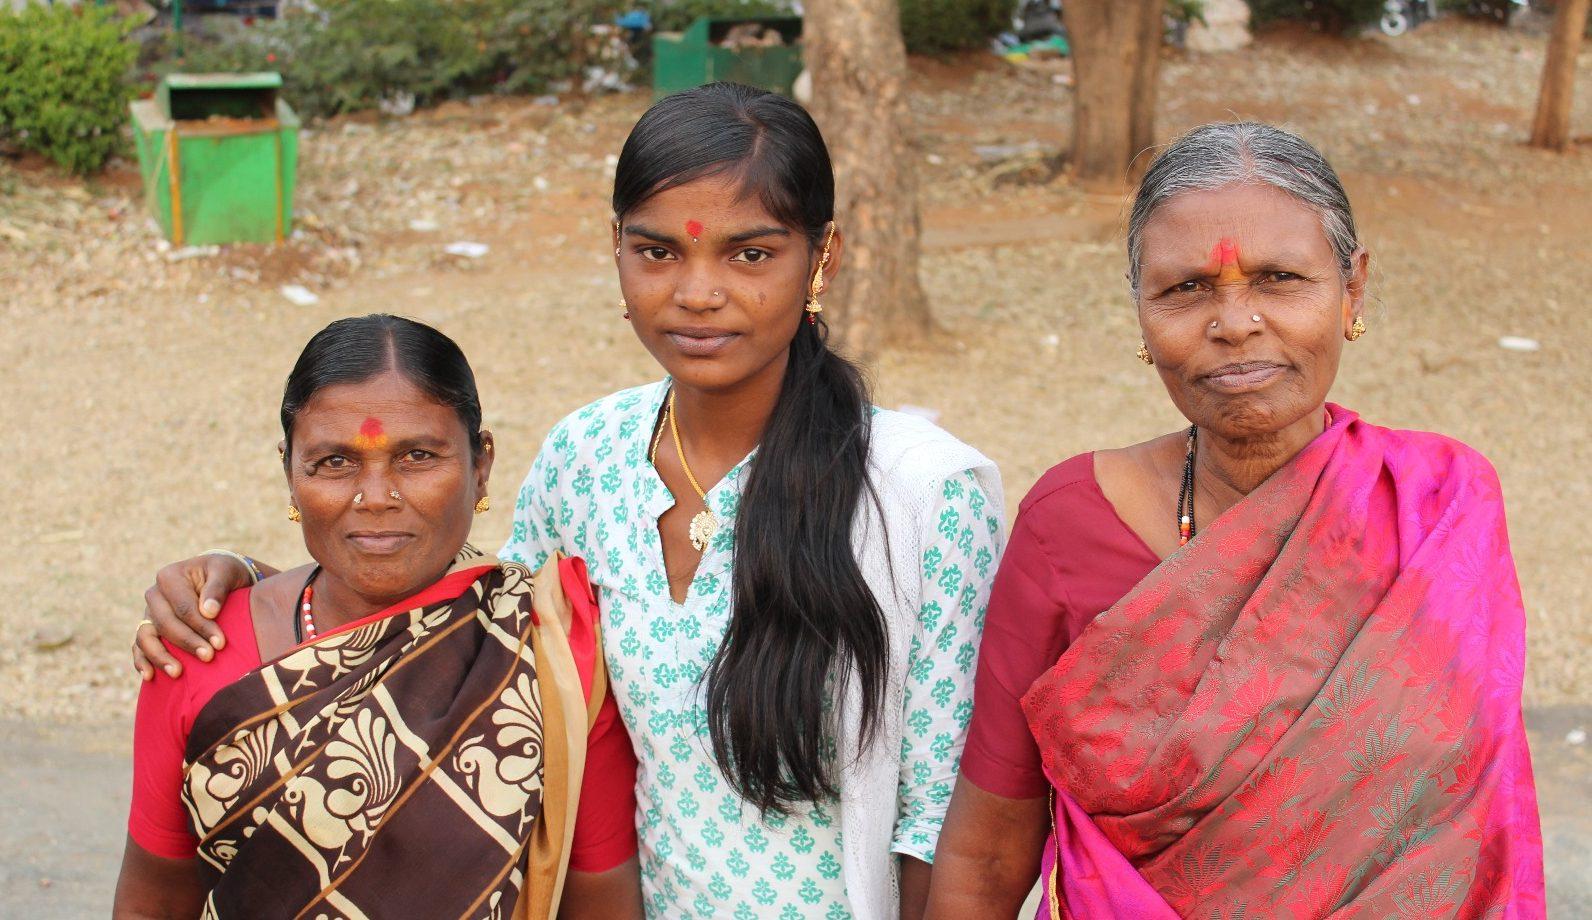 Ragazza per incontri a Bangalore